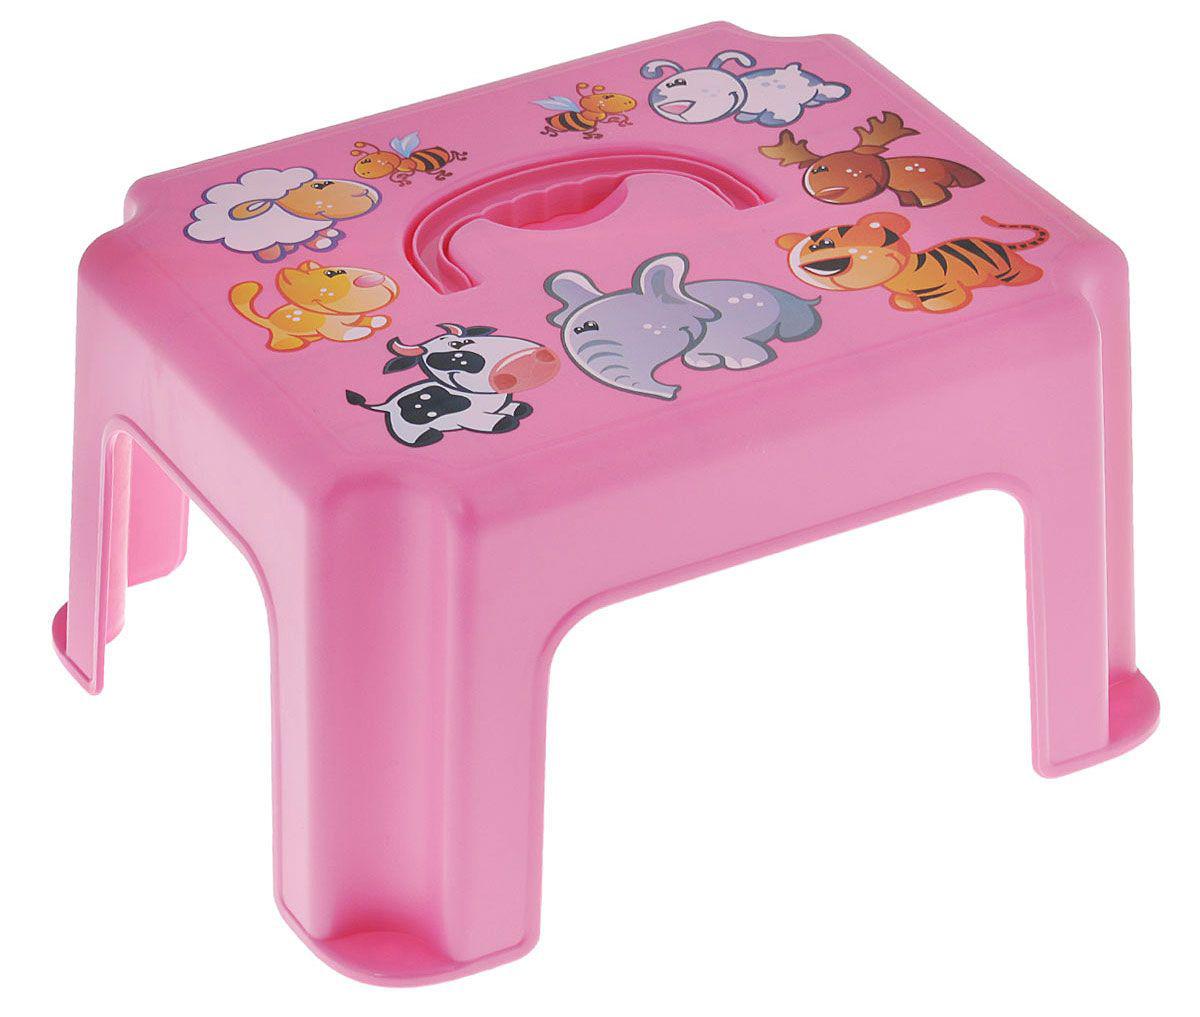 Купить Табурет-подставка, розовый, Idea